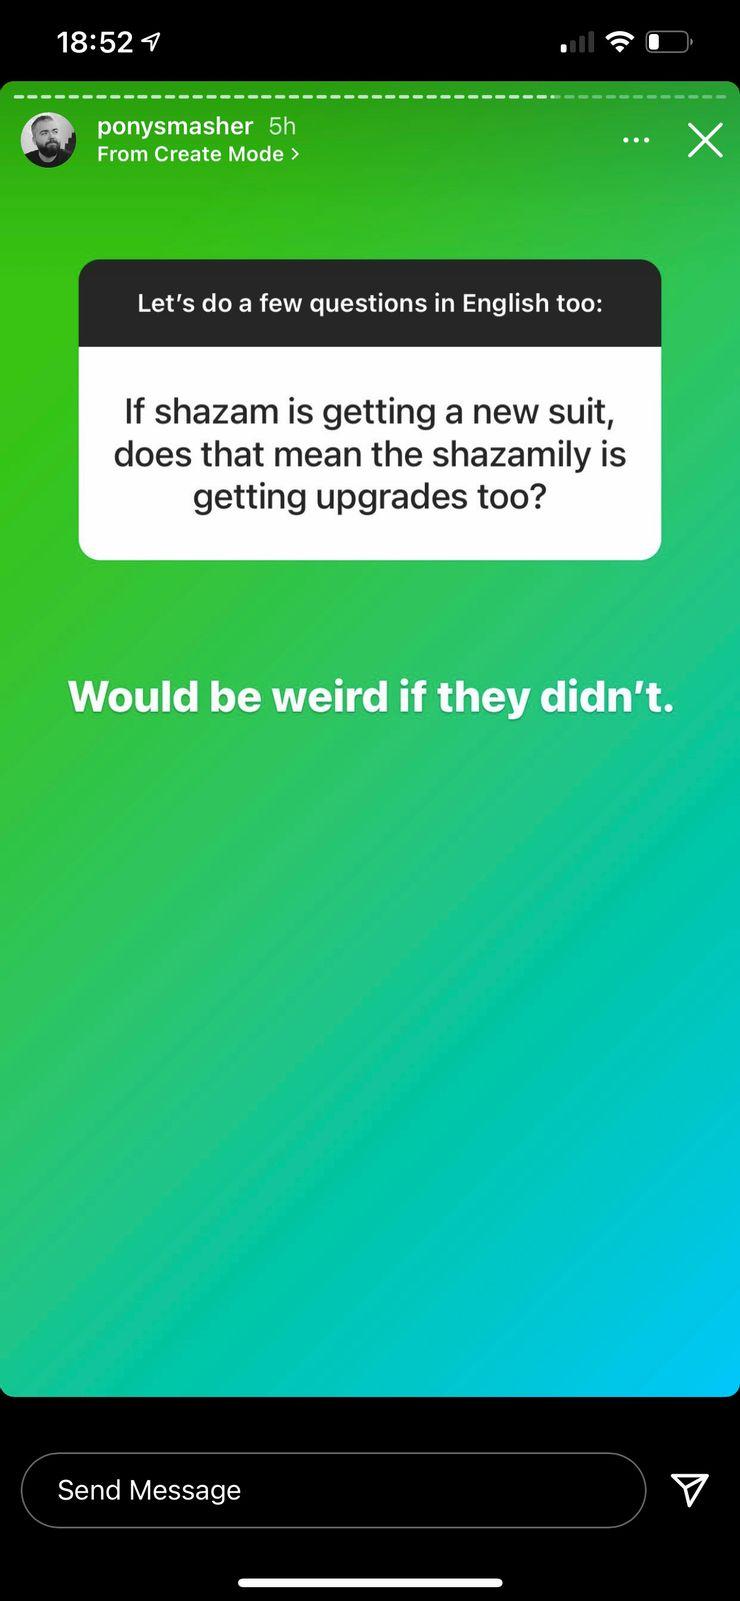 Instagram de David F. Sandberg confirma novos uniformes para a família do Shazam